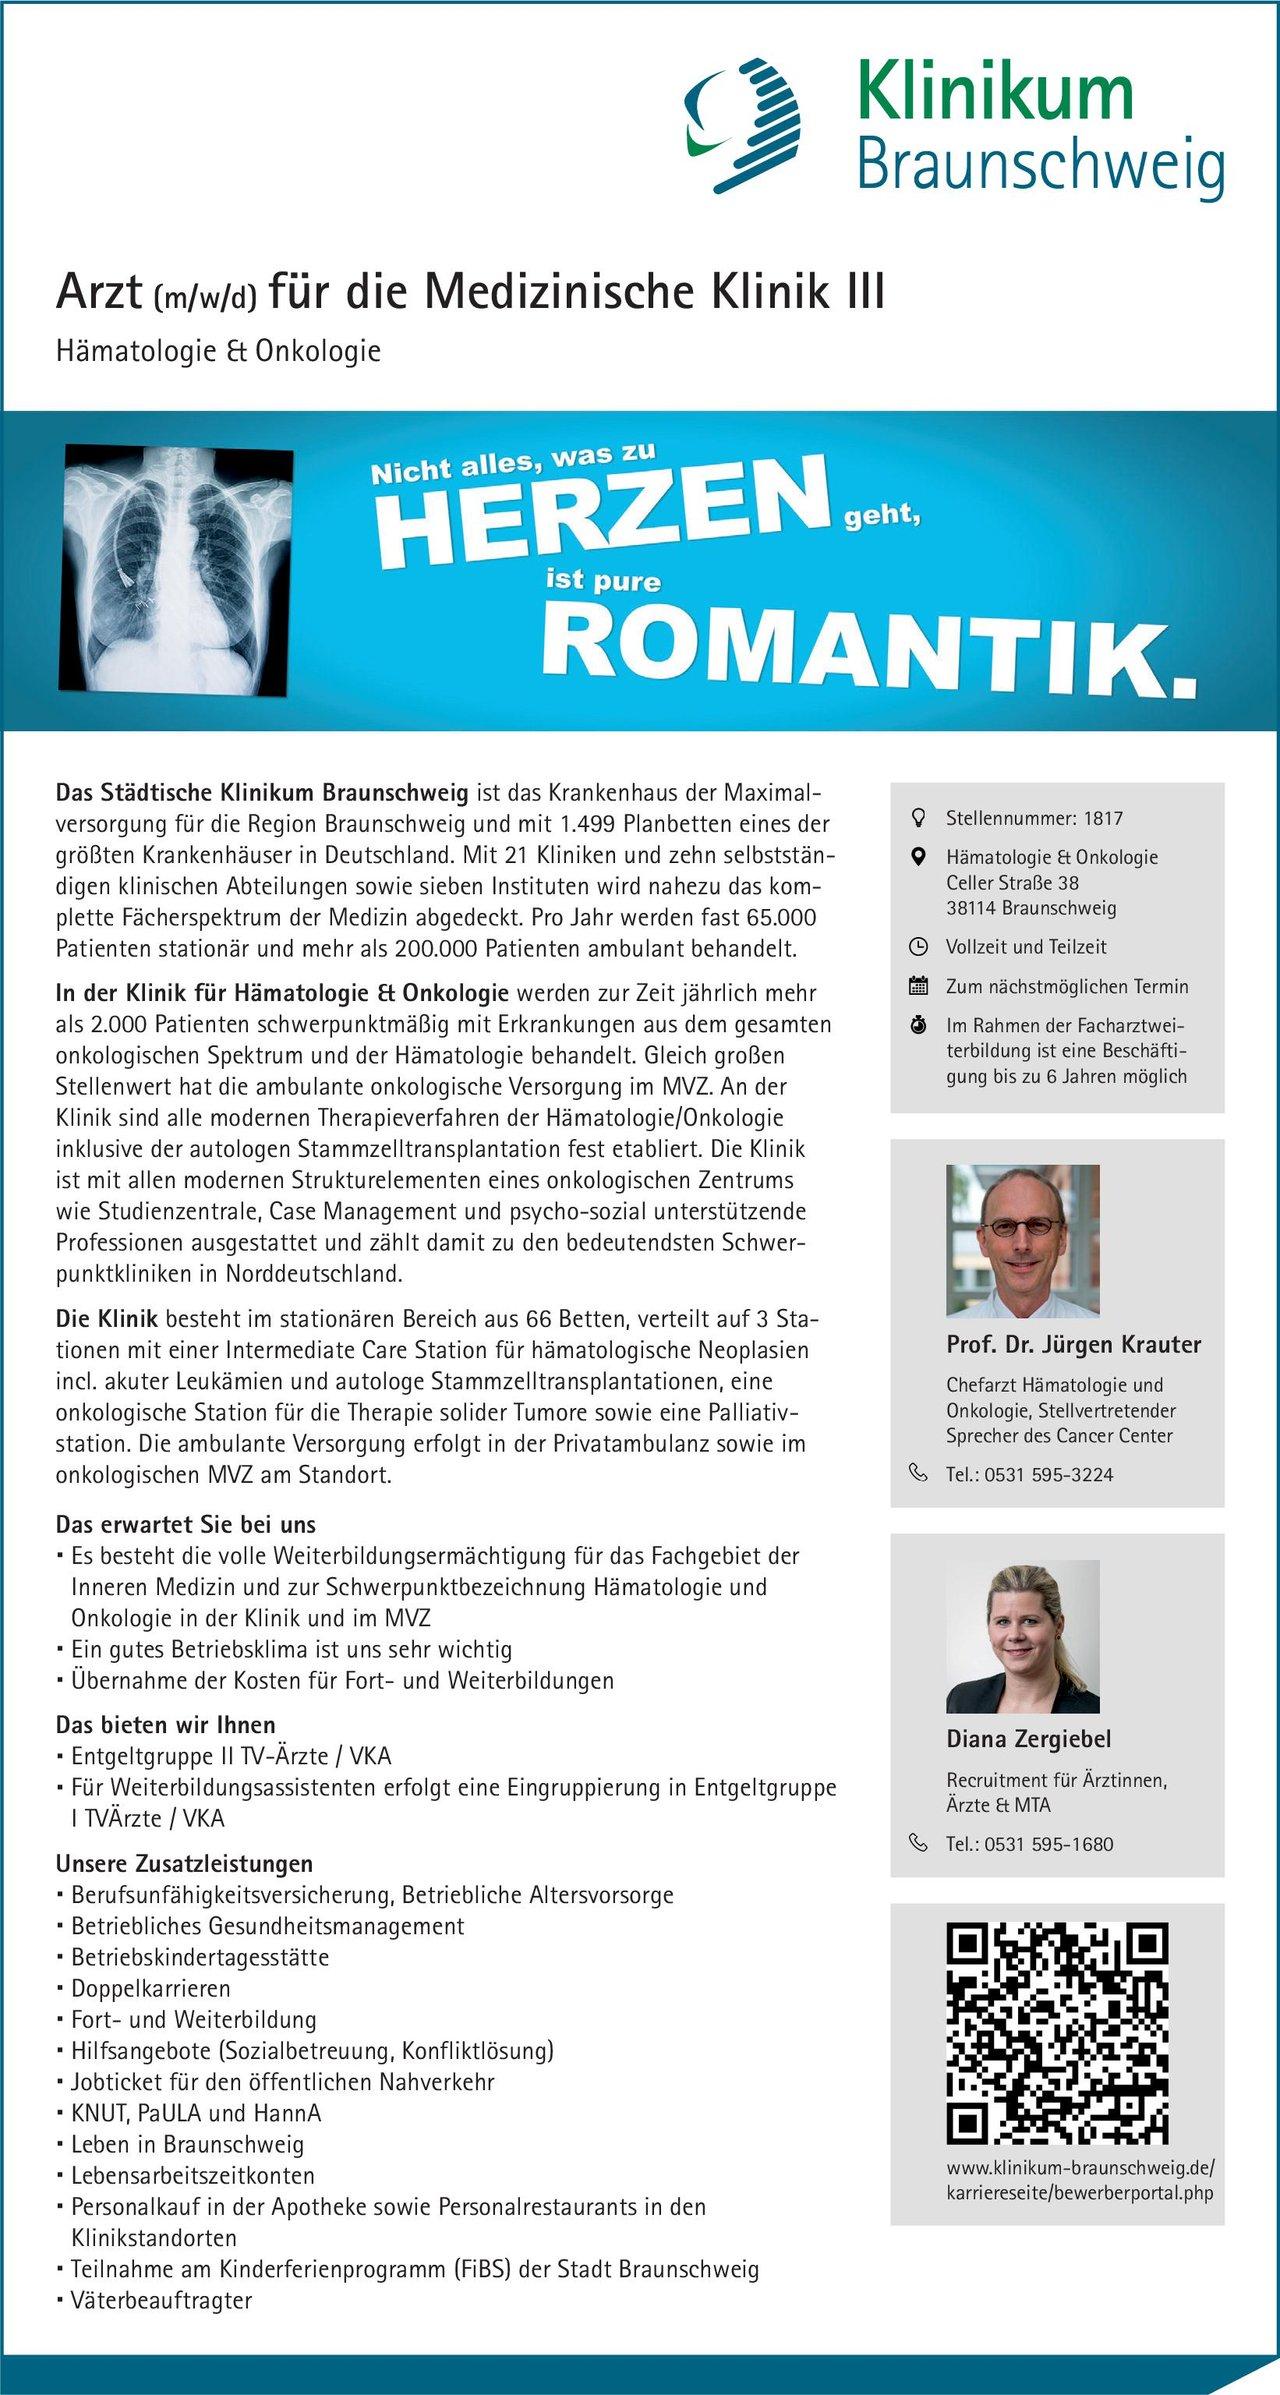 Städtisches Klinikum Braunschweig Arzt (m/w/d) für die Medizinische Klinik III Hämatologie & Onkologie  Innere Medizin und Hämatologie und Onkologie, Innere Medizin Arzt / Facharzt